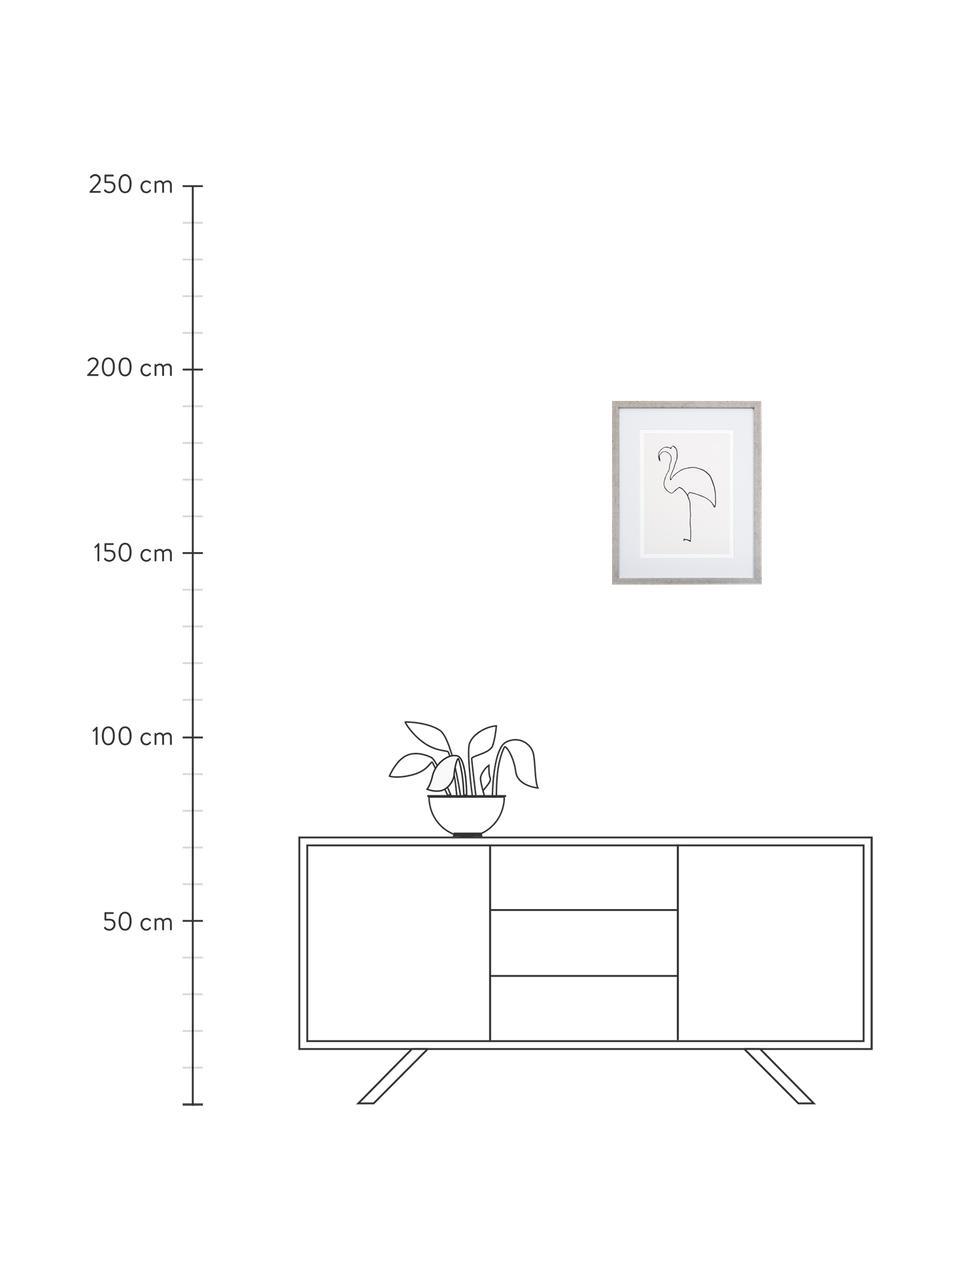 Gerahmter Digitaldruck Picasso's Flamingo, Bild: Digitaldruck, Rahmen: Kunststoff, Antik-Finish, Front: Glas, Bild: Schwarz, Weiß Rahmen: Silberfarben, 40 x 50 cm